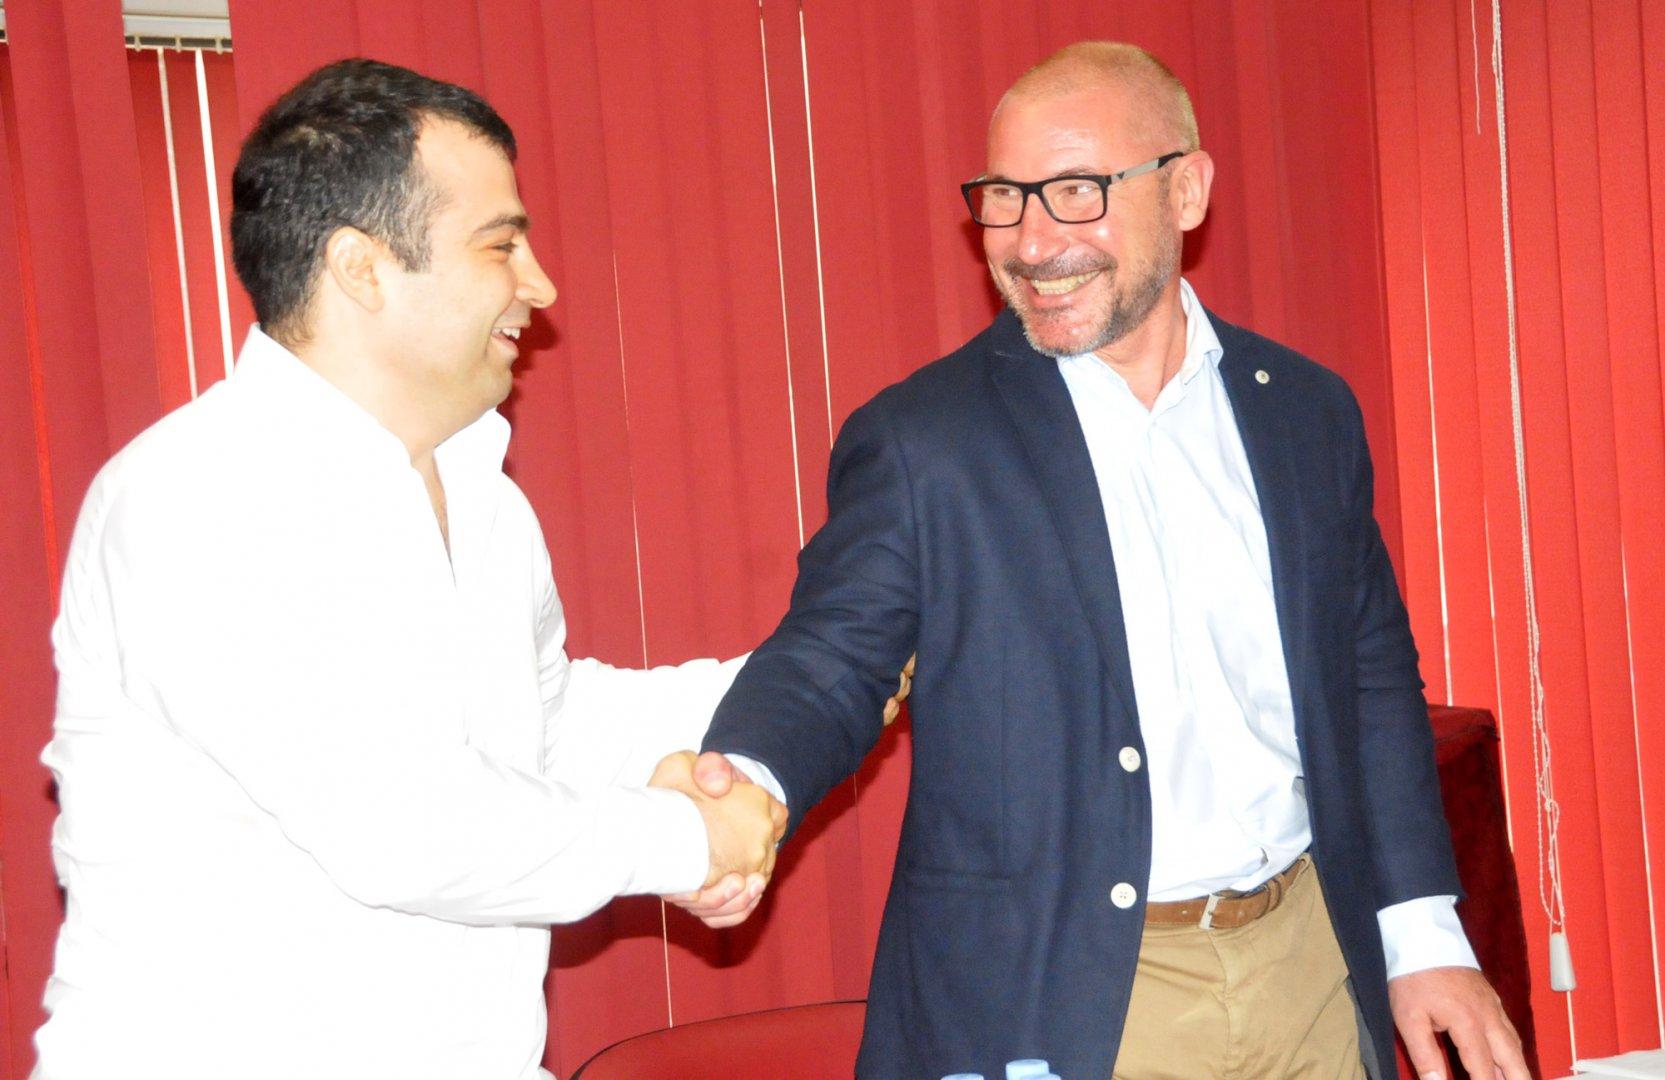 Христо Симеонов (вдясно) потърсил Константин Бачийски за разговор. Снимка Лина Главинова